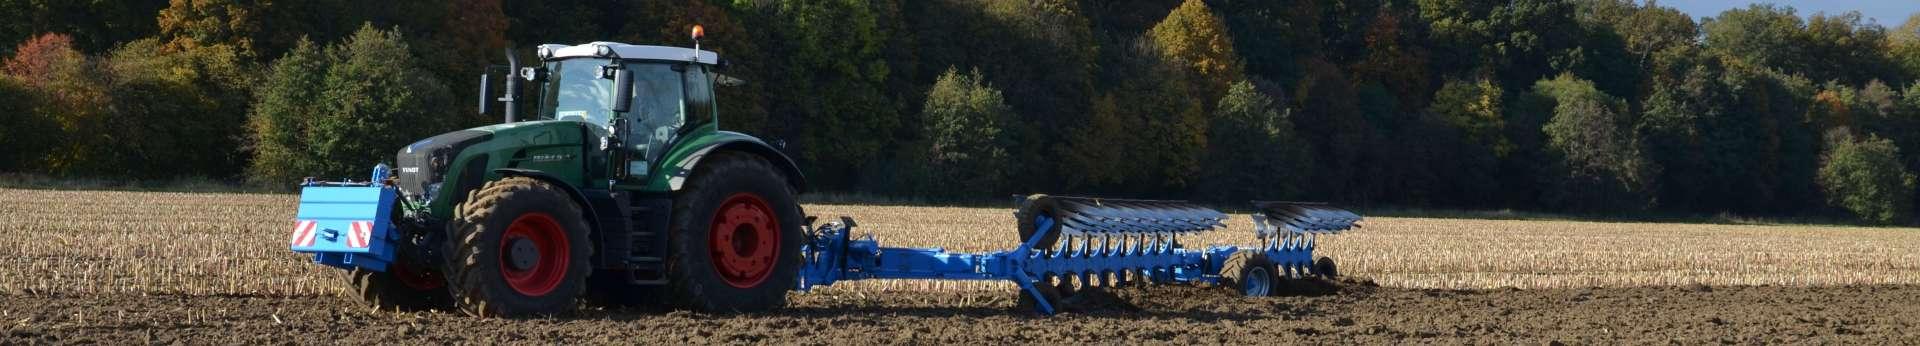 ciągnik rolniczy Fendt 936 Vario podczas pracy z pługiem Lemken